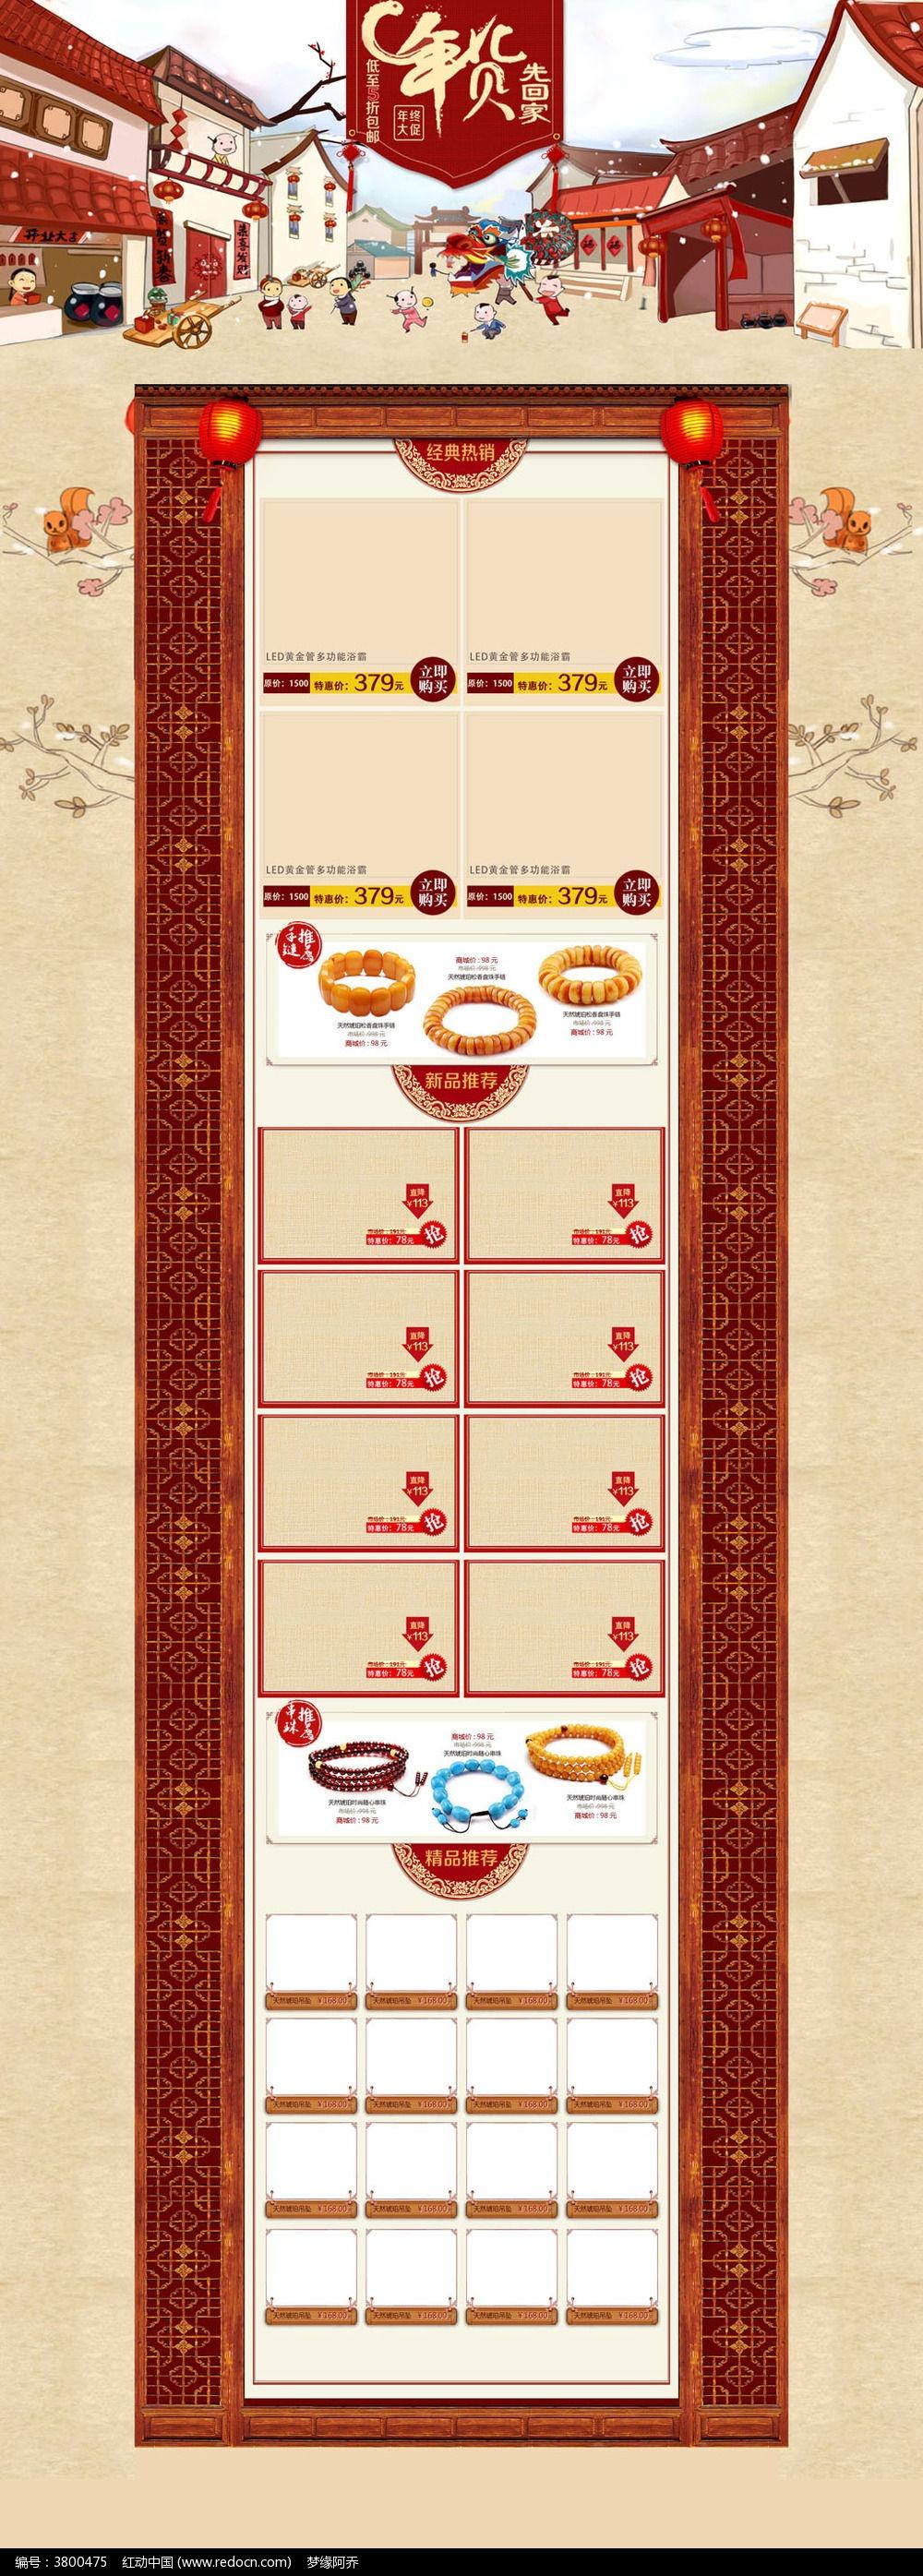 淘宝春节年货先回家首页装修模板图片